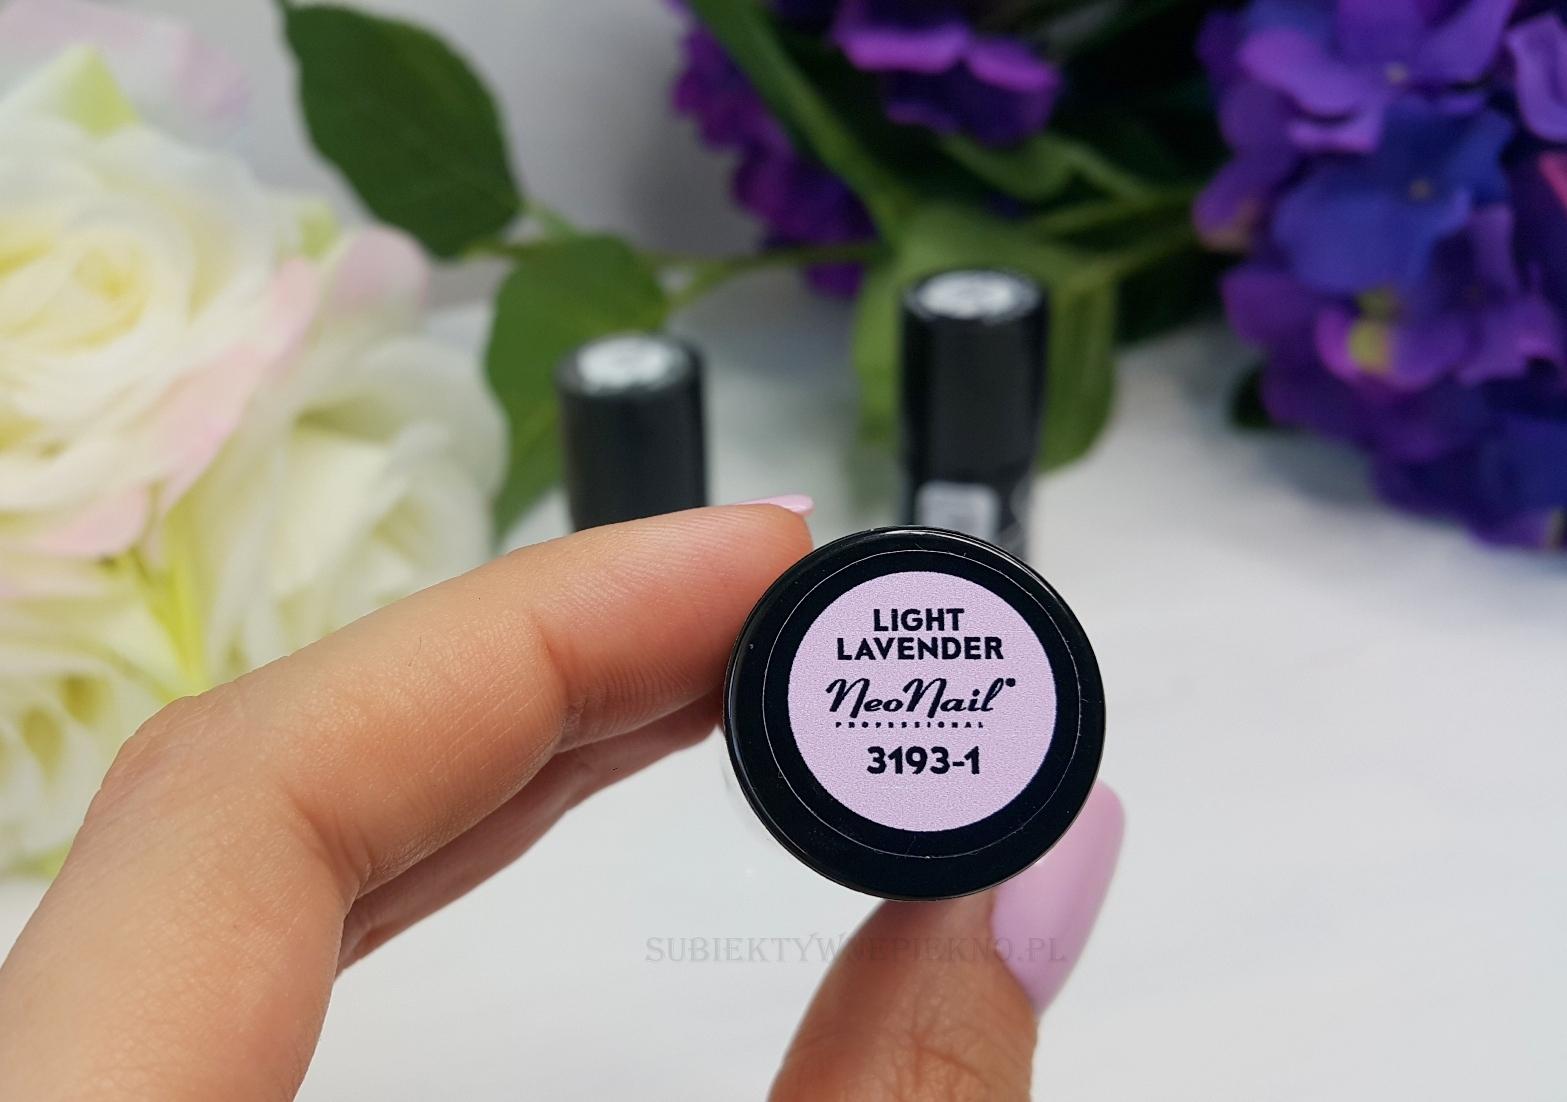 Lakier hybrydowy Light Lavender NeoNail 3193